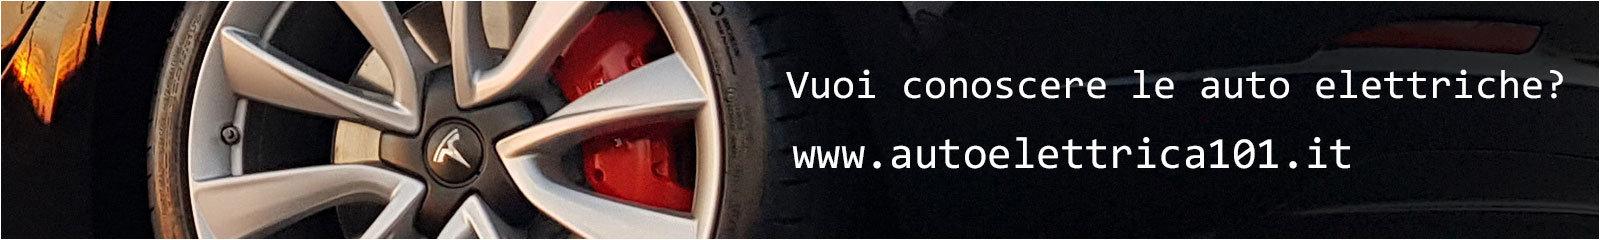 www.autoelettrica101.it